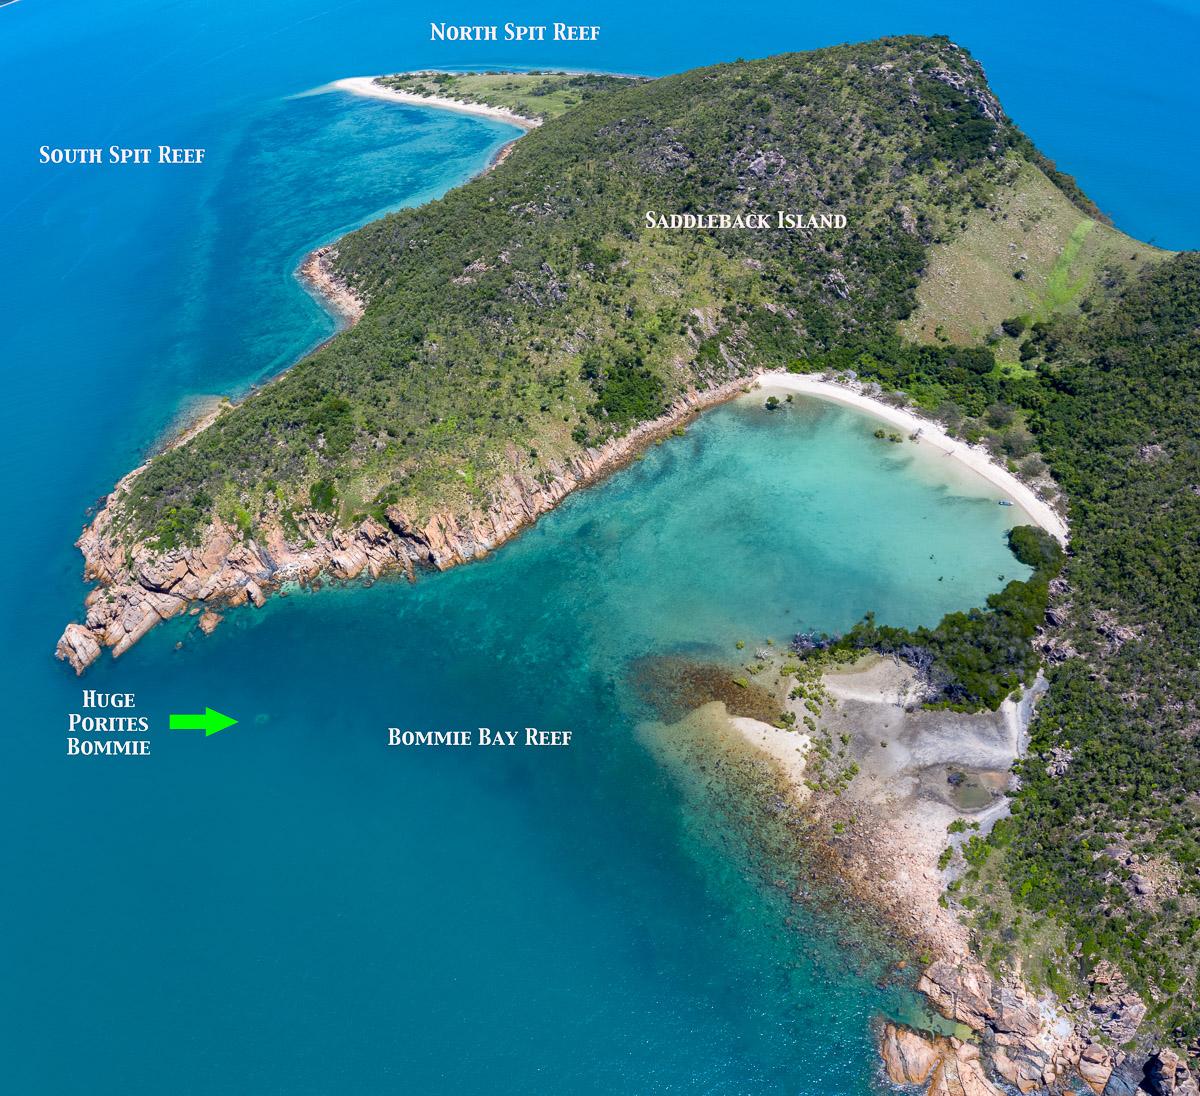 Saddleback Island fringing reefs